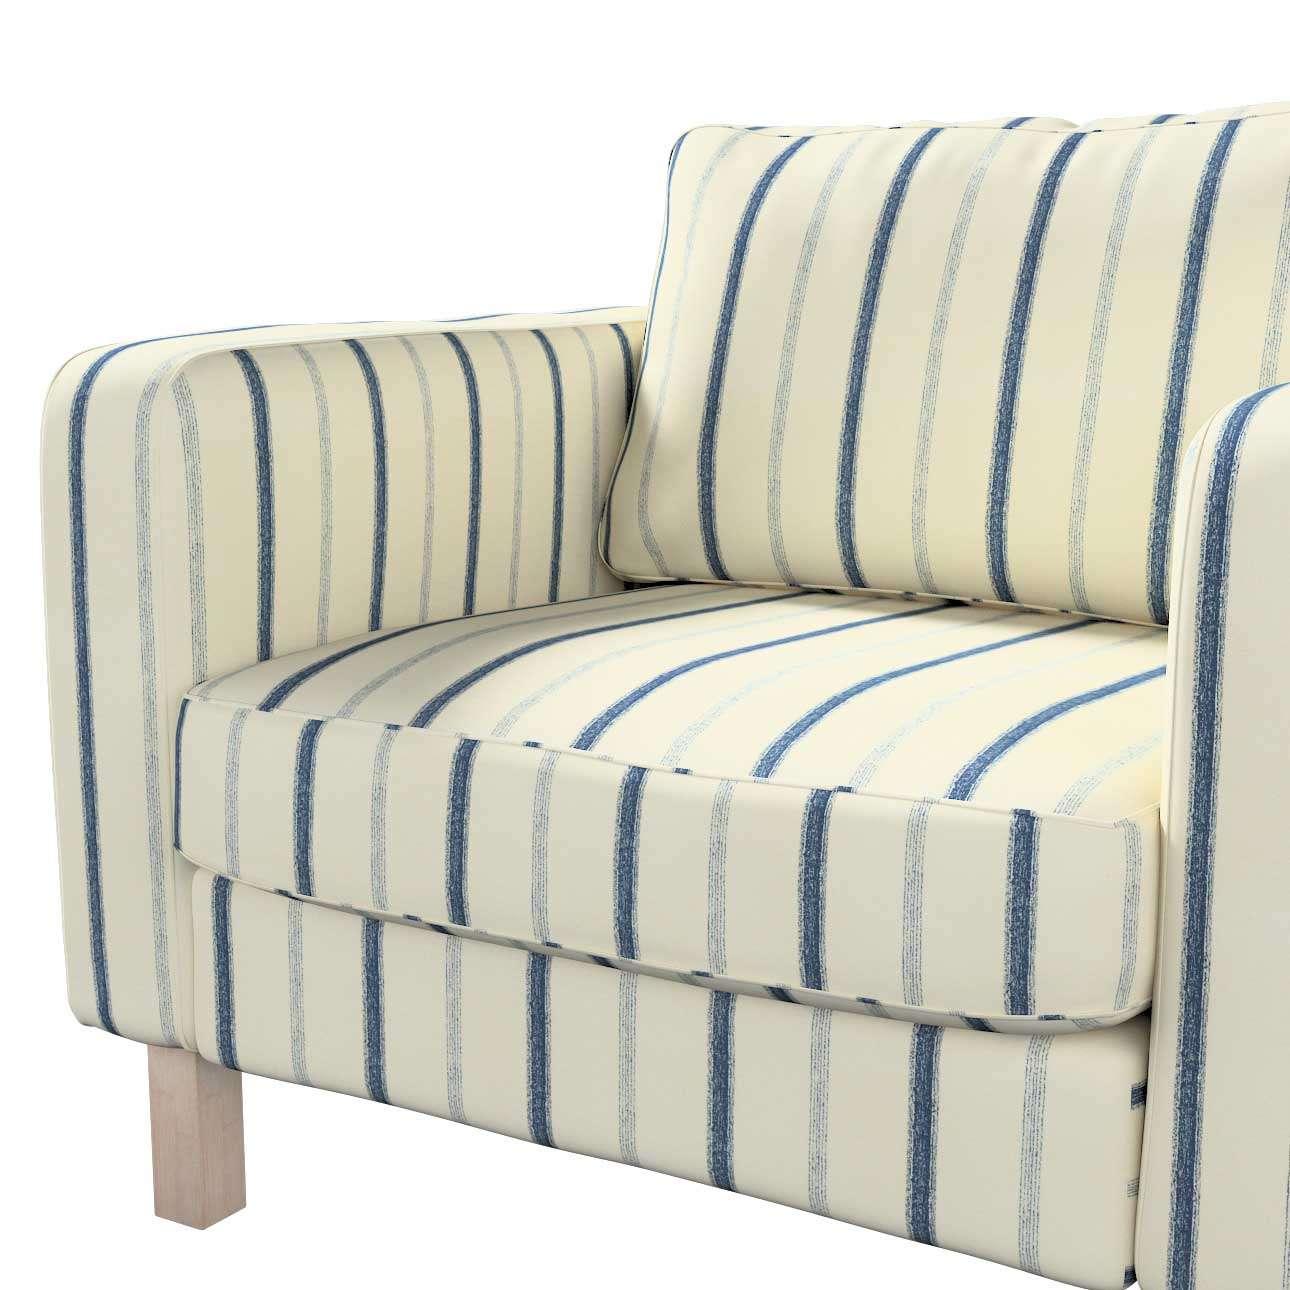 Pokrowiec na fotel Karlstad, krótki w kolekcji Avinon, tkanina: 129-66